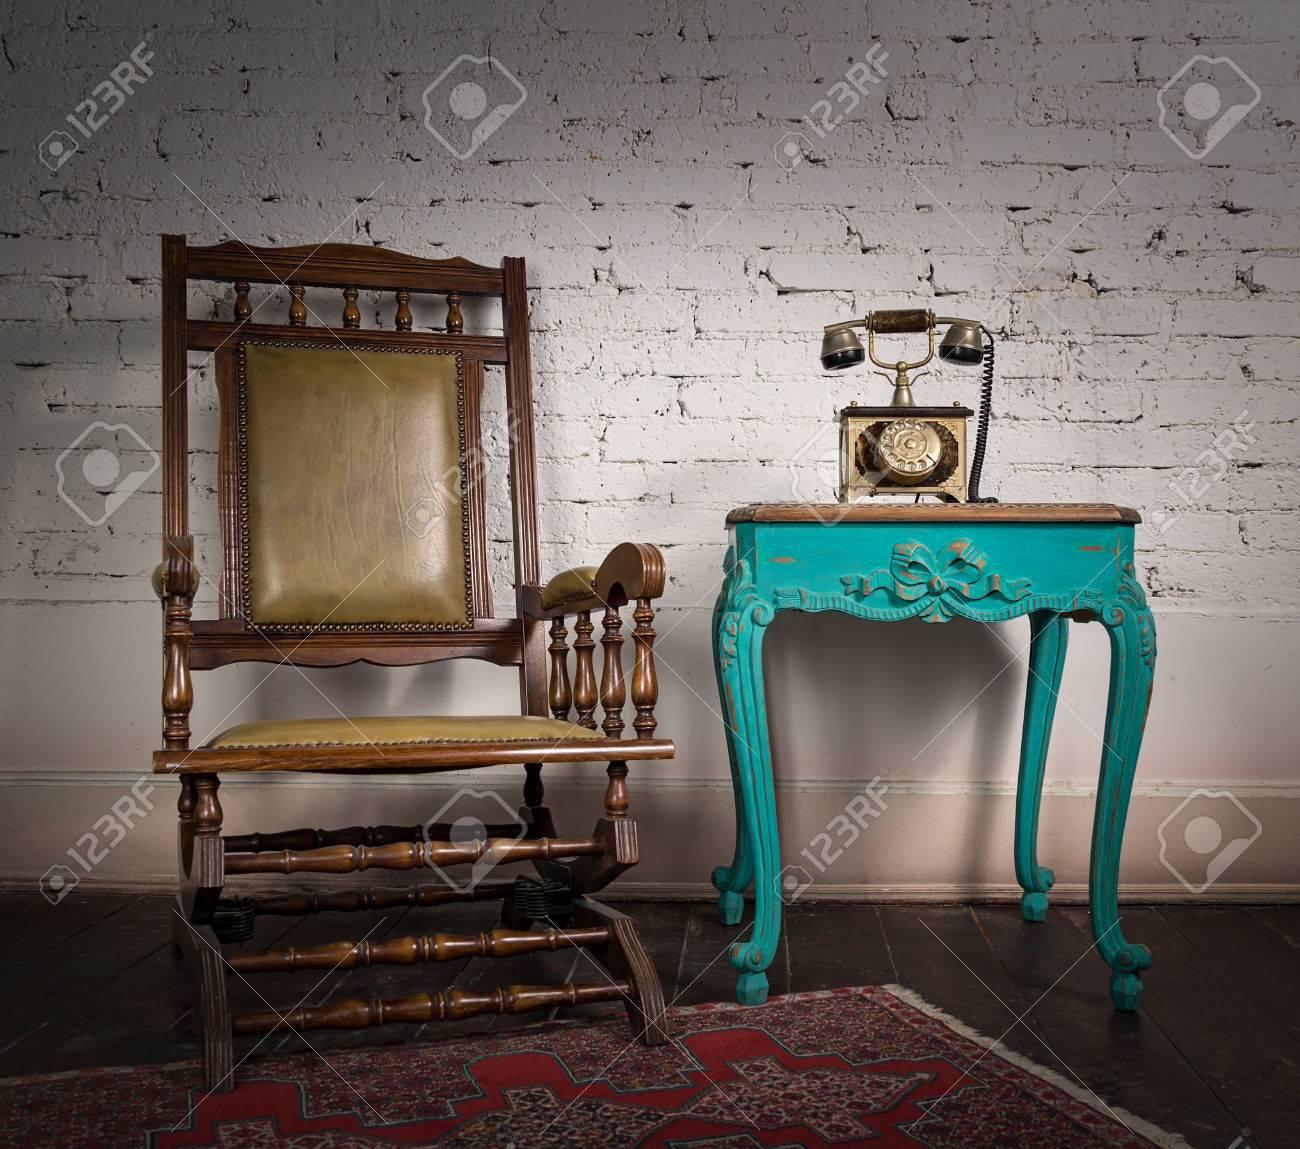 Standard Bild   Retro Zusammensetzung Der Schaukelstuhl Aus Holz, Grün  Vintage Tisch Und Alte Telefon Set über Weiße Ziegel Wand Und Dunklen  Holzboden Mit ...